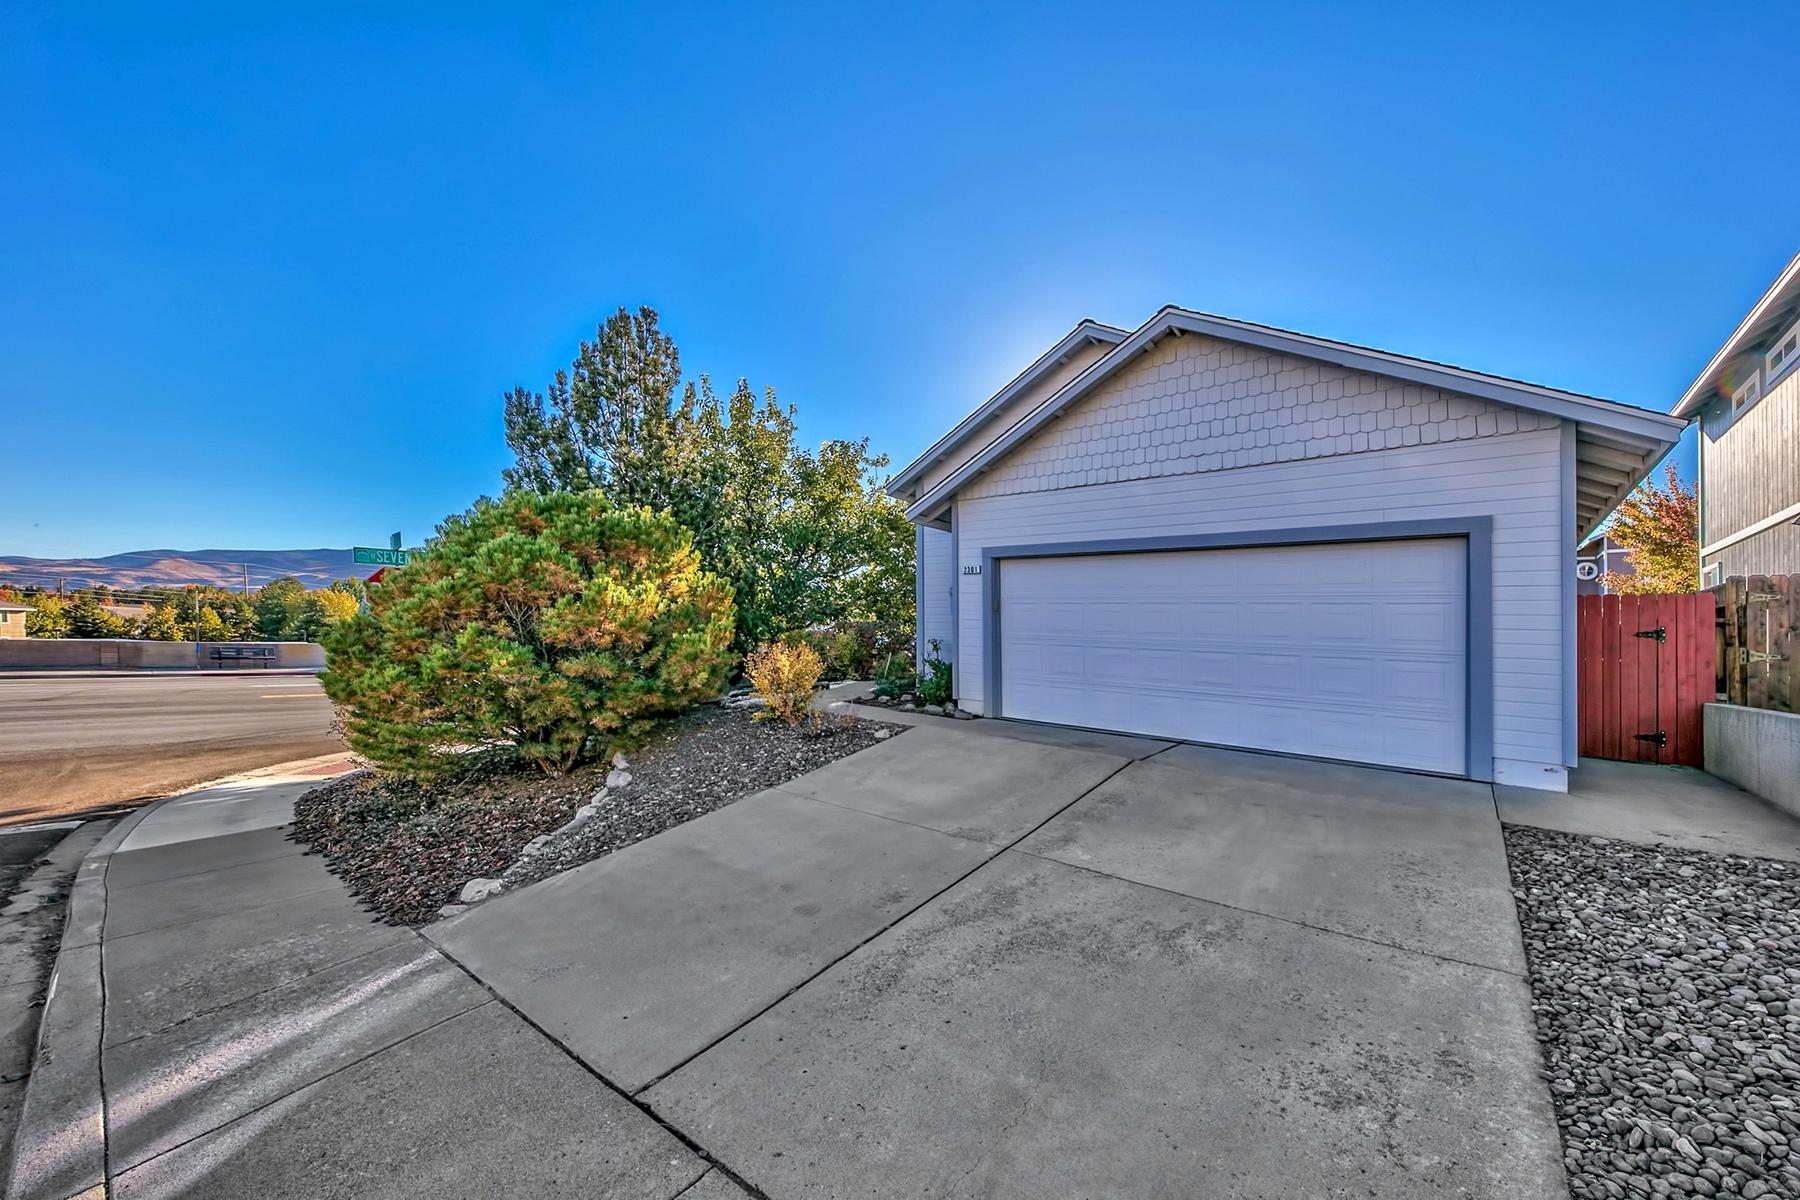 Additional photo for property listing at 2301 Cordilla Ct., Reno, NV 2301 Cordilla Ct. Reno, Nevada 89523 United States